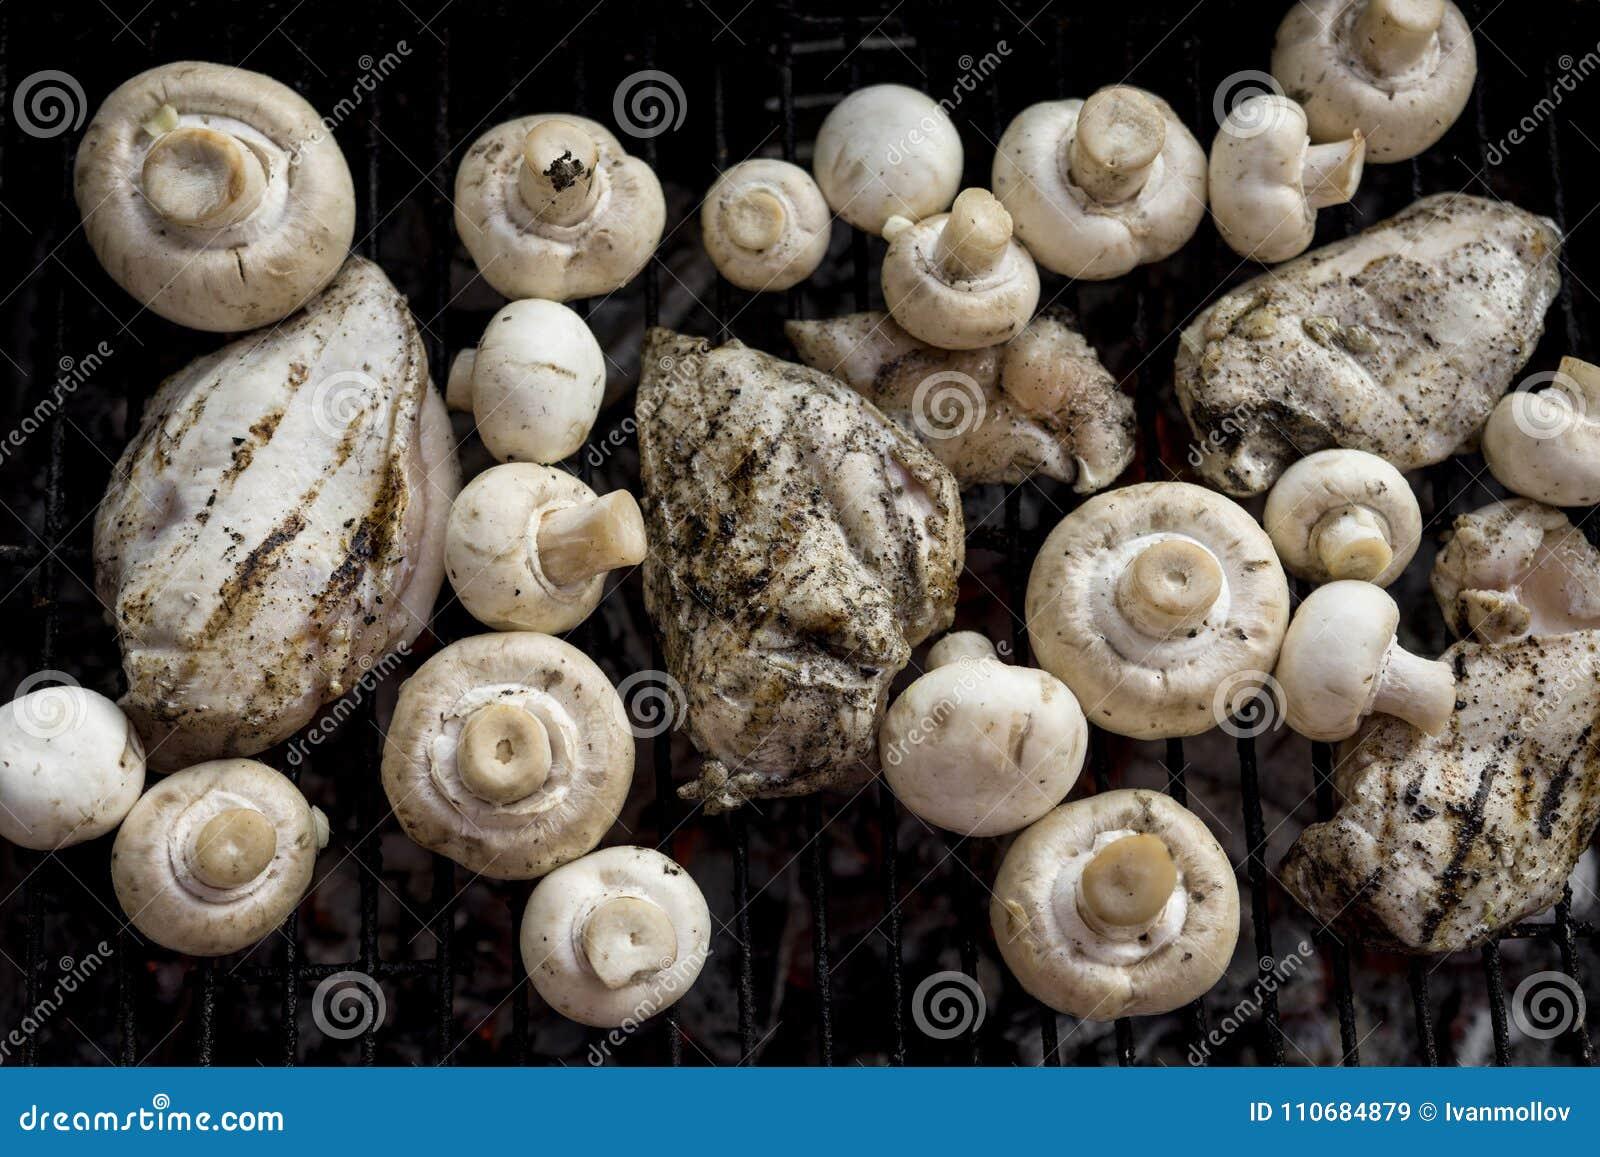 Bbq-Grill mit vielen Pilzen und geschmackvollen Hühnerbrust-Fleisch